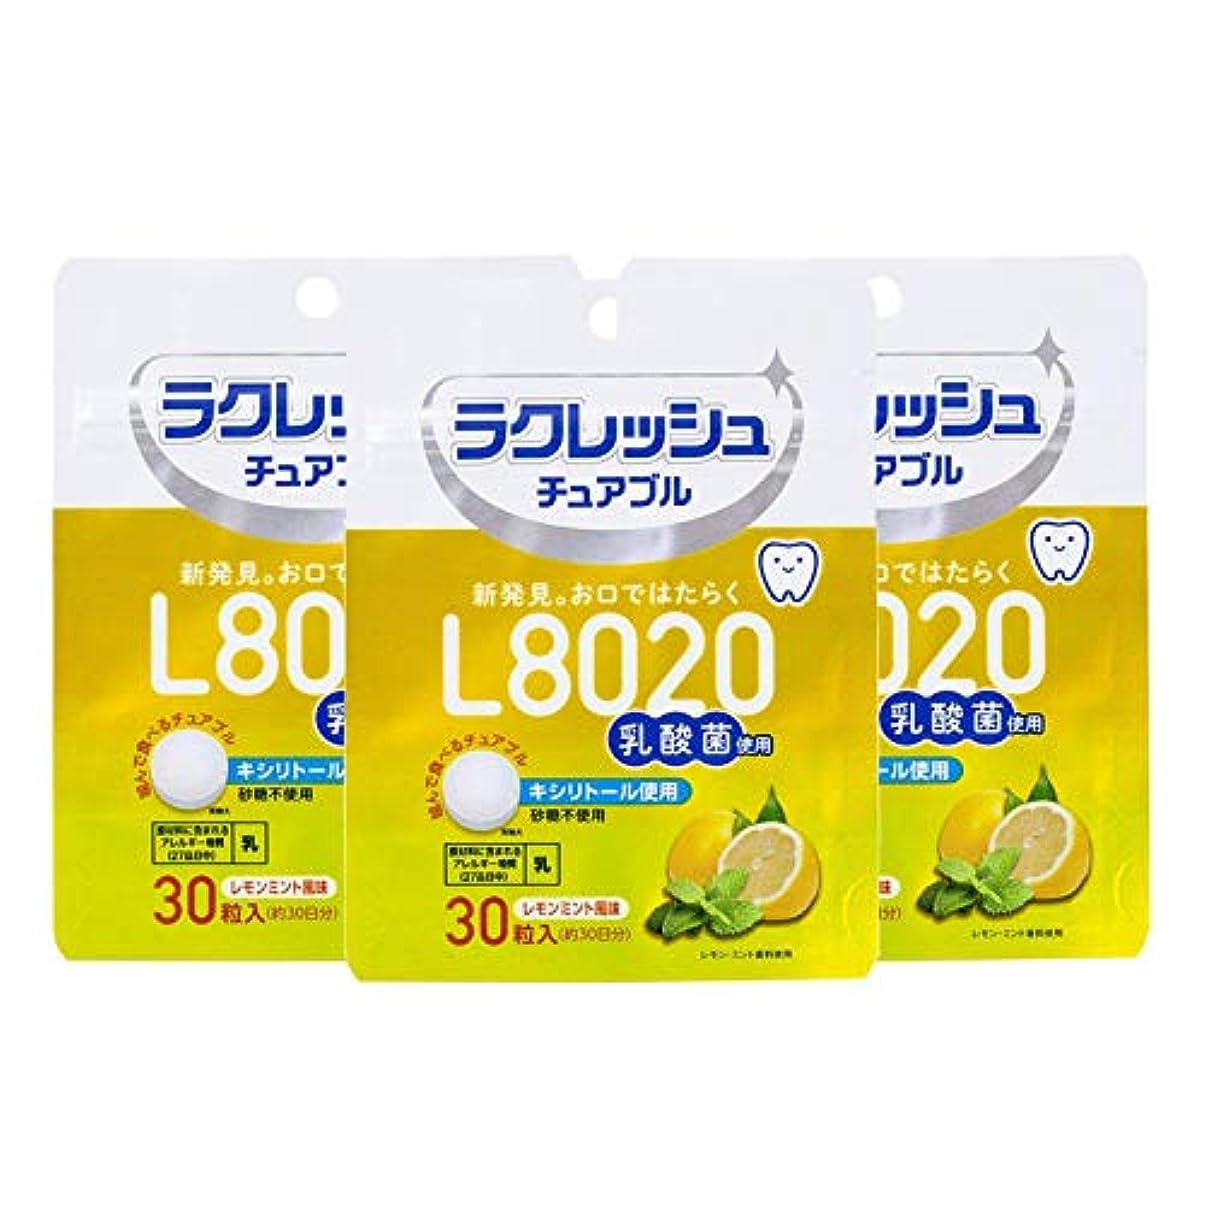 ケーブル貸す詳細にL8020乳酸菌ラクレッシュ チュアブル レモンミント風味(30粒) 3袋 タブレット